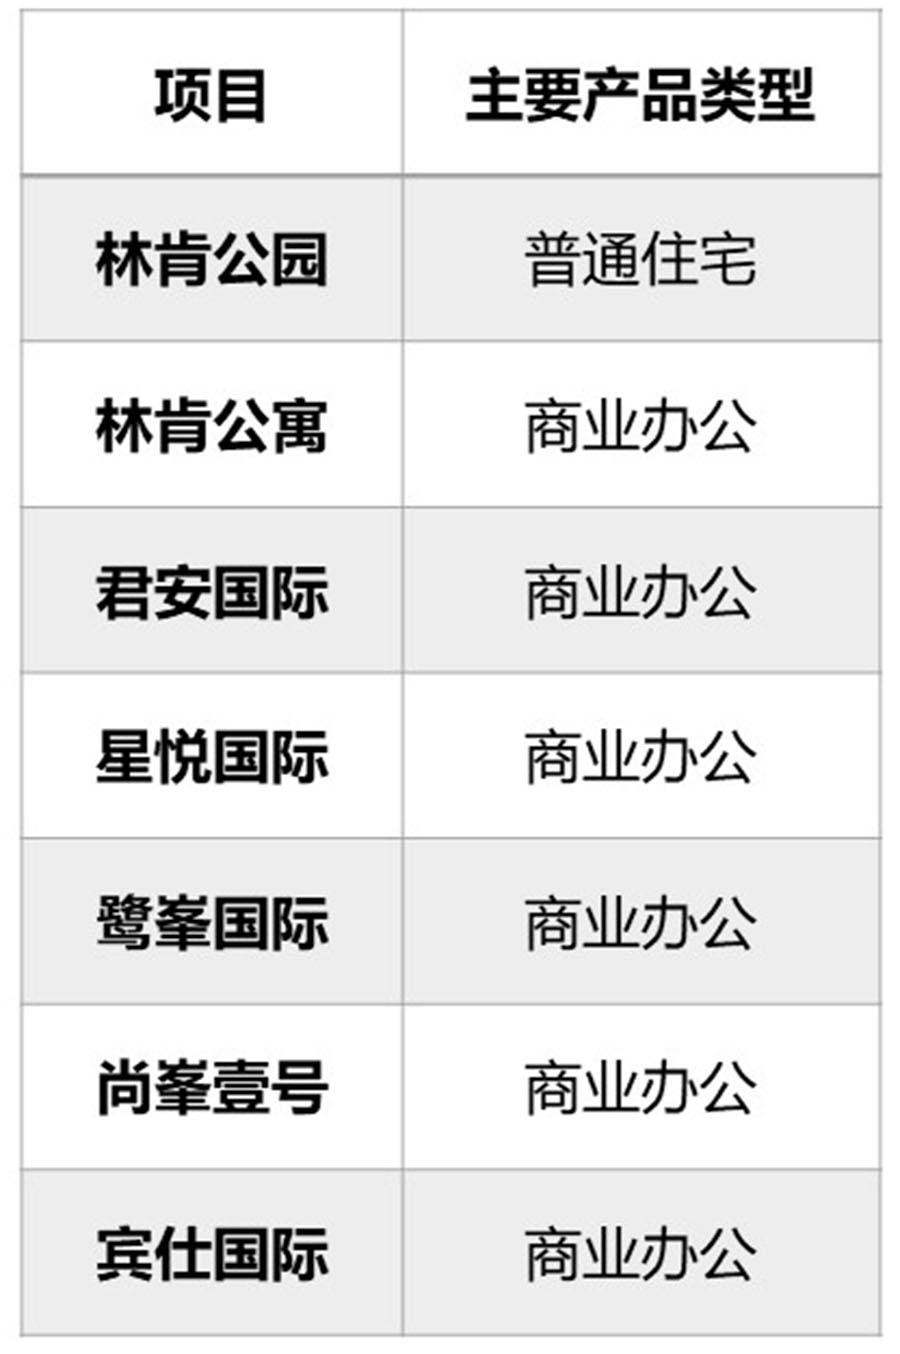 """北京庄园:一亿一栋,还是起价 """"亿级""""叫卖背后的尴尬"""